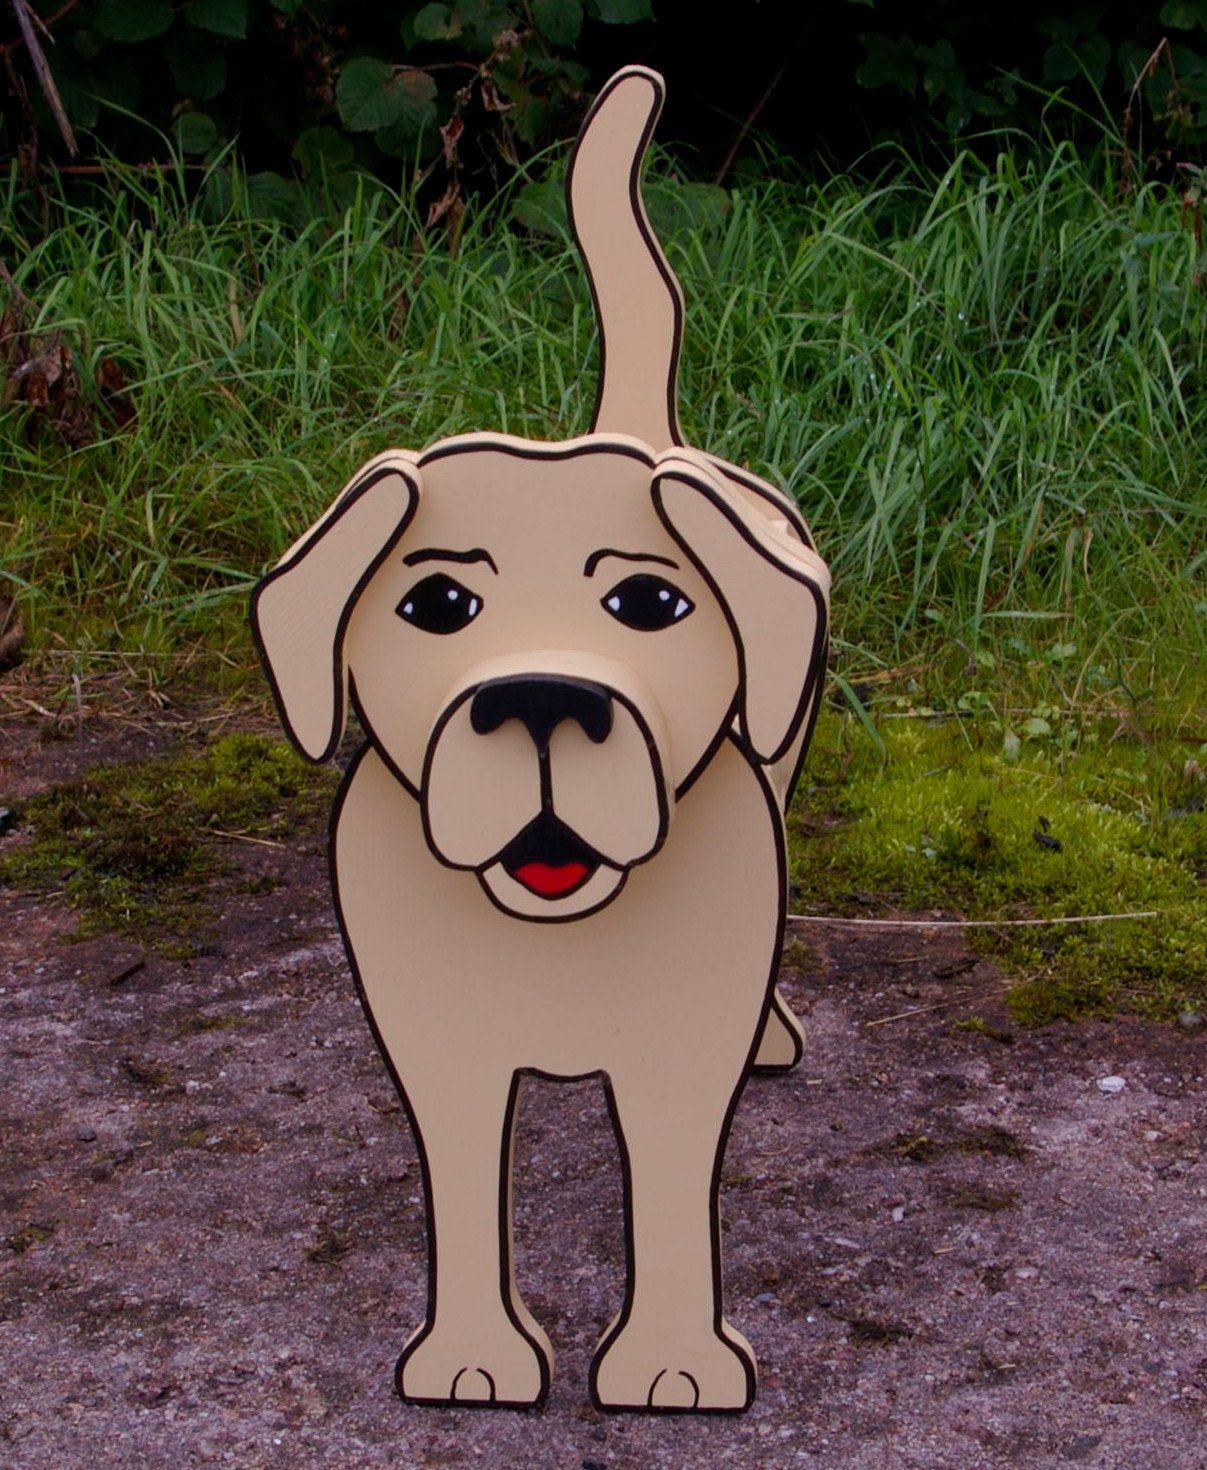 17 Funny Cute Diy Dog Planters Diy Dog Stuff Cute Diys Animal Planters